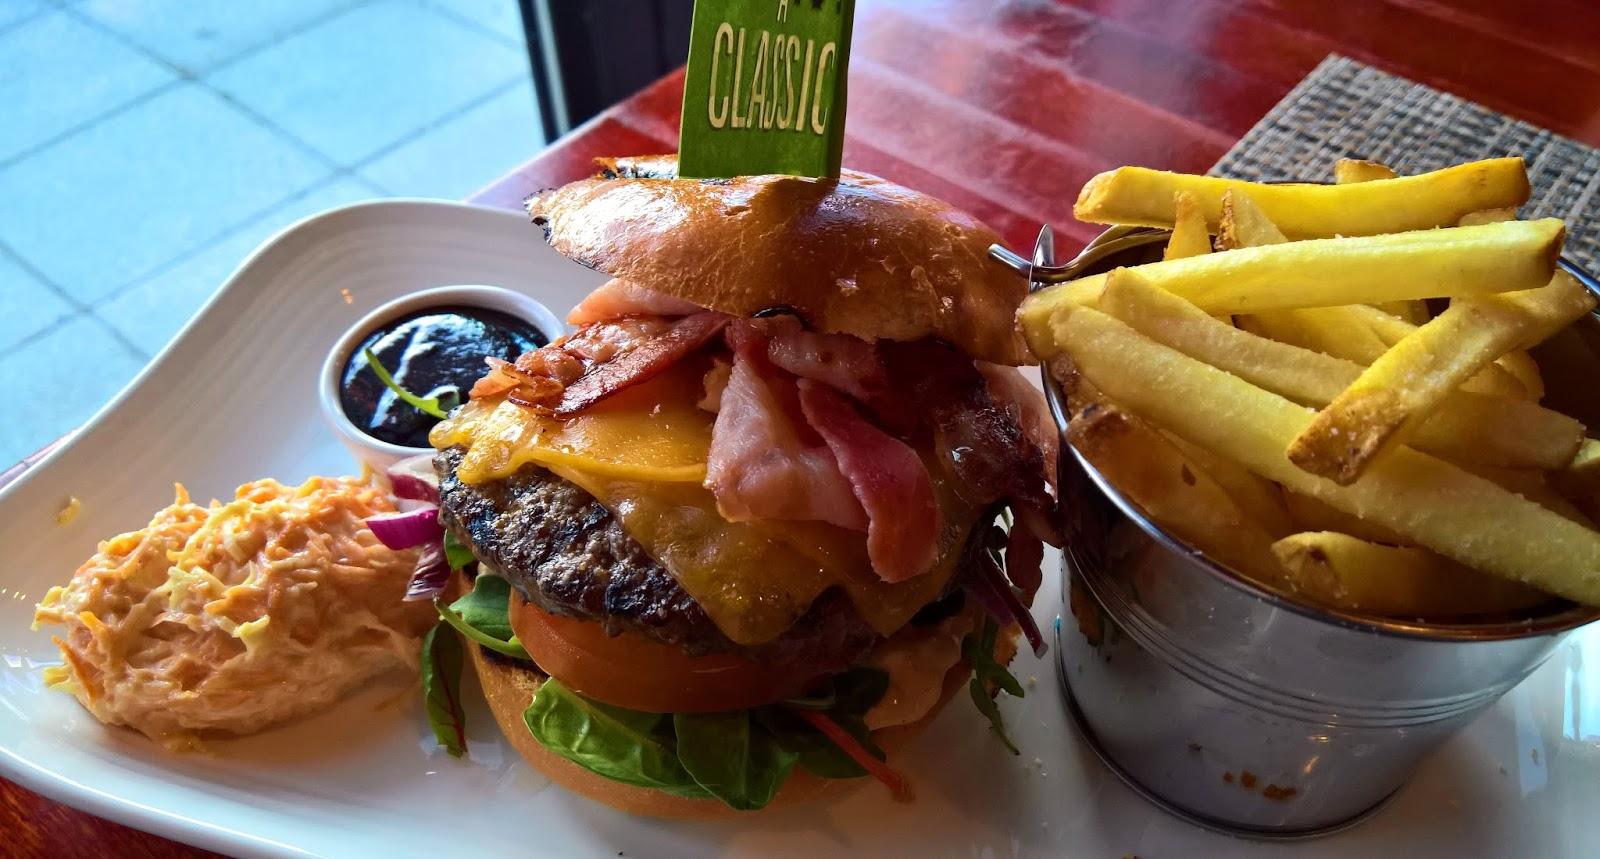 Jyväskylä hampurilaistesti hampurilainen burger mallaspulla ruokablogi ravintola colonial